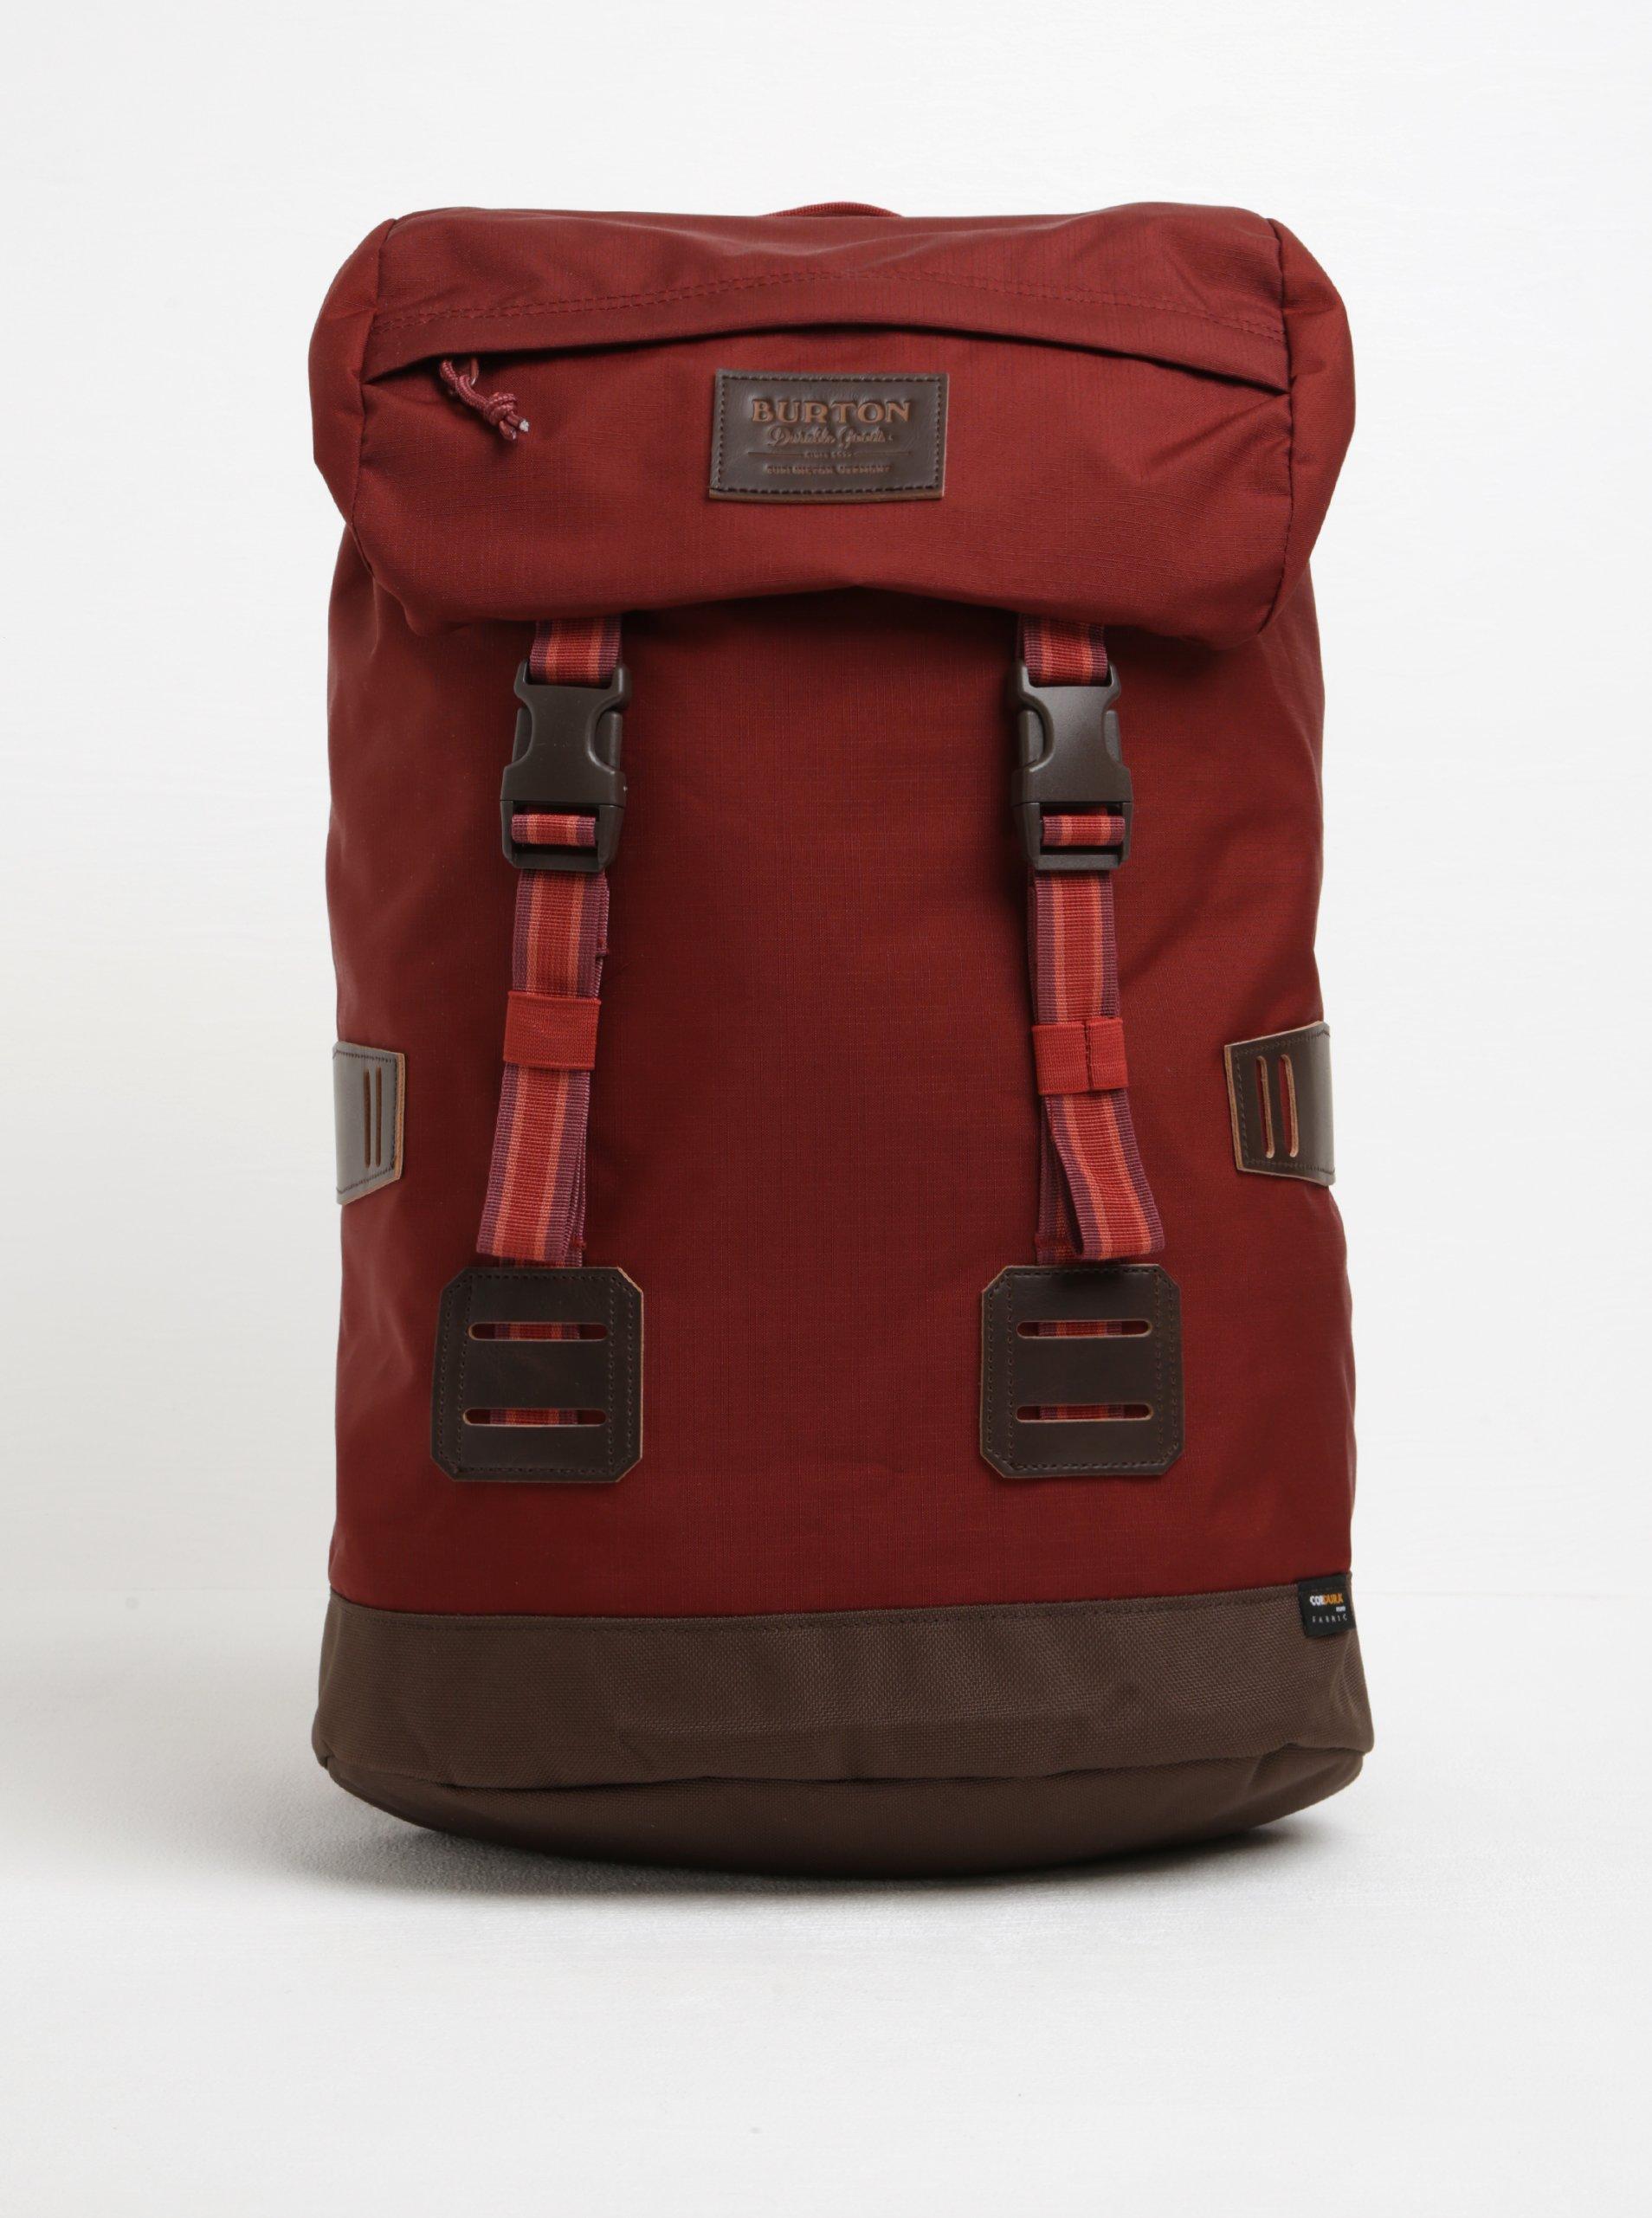 Cihlový batoh Burton Tinder 25 l